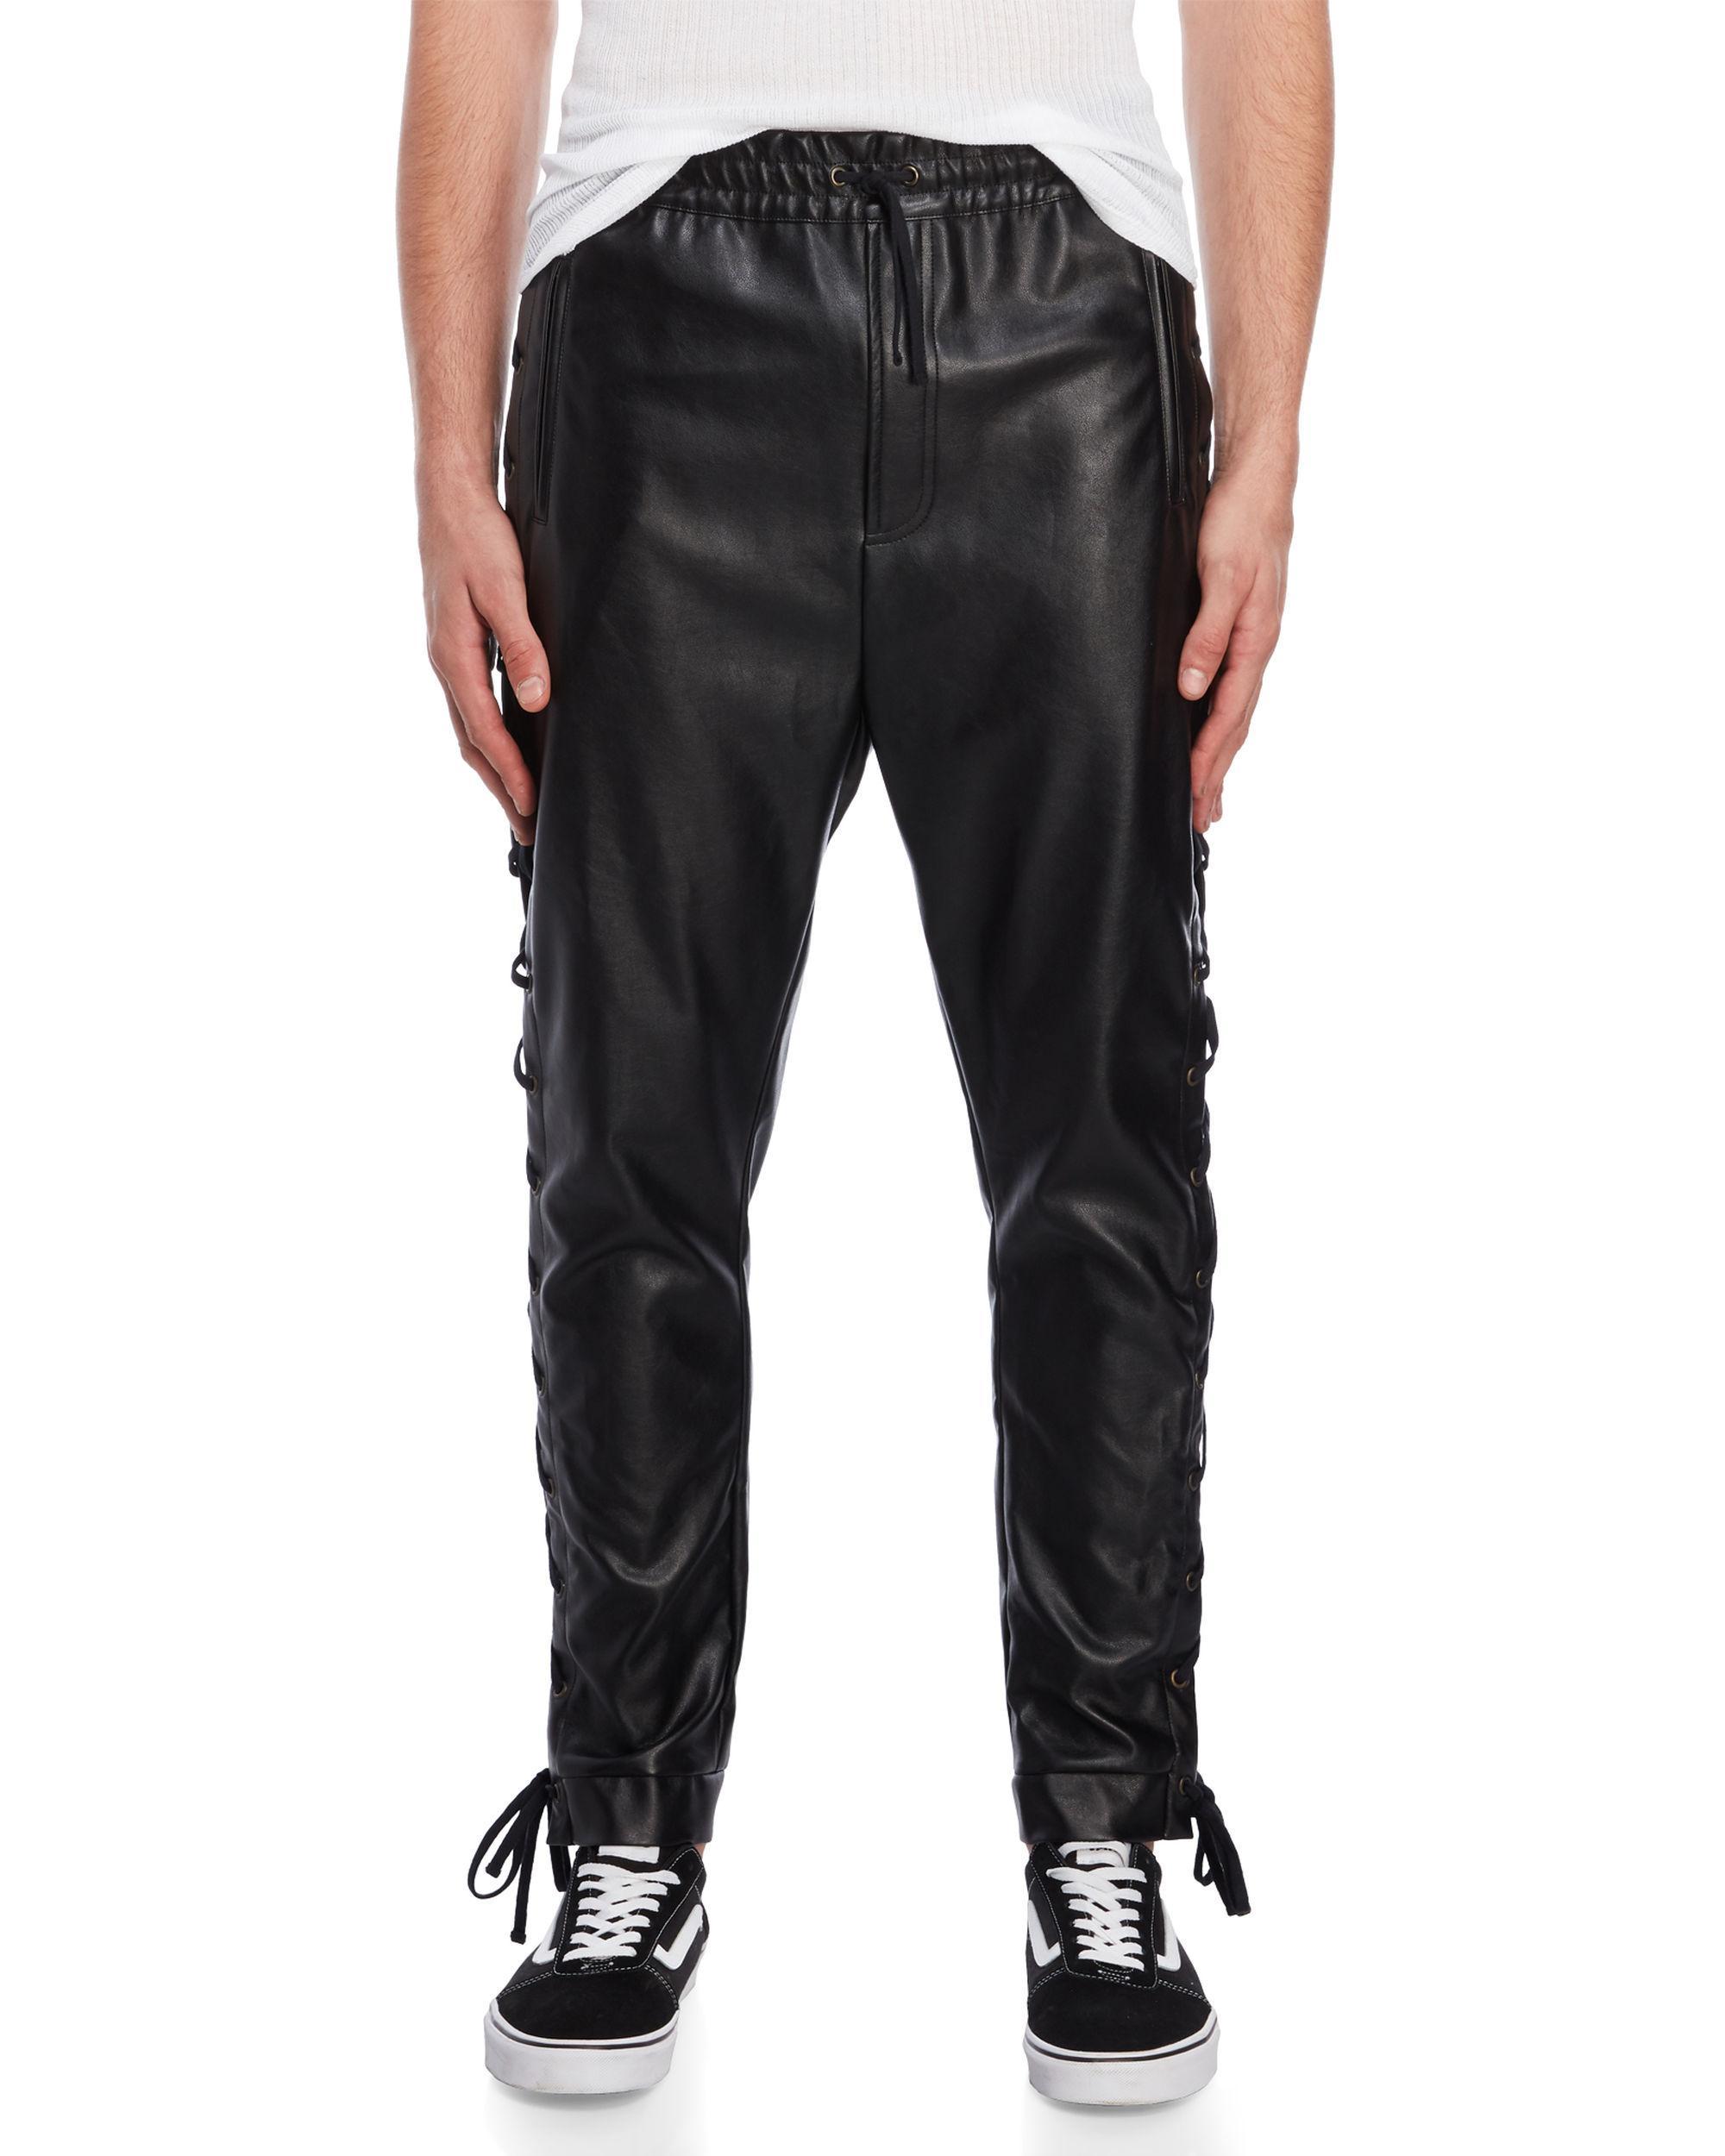 2490732b3c28 Lyst - Faith Connexion Black Lace-up Faux Leather Pants in Black for Men